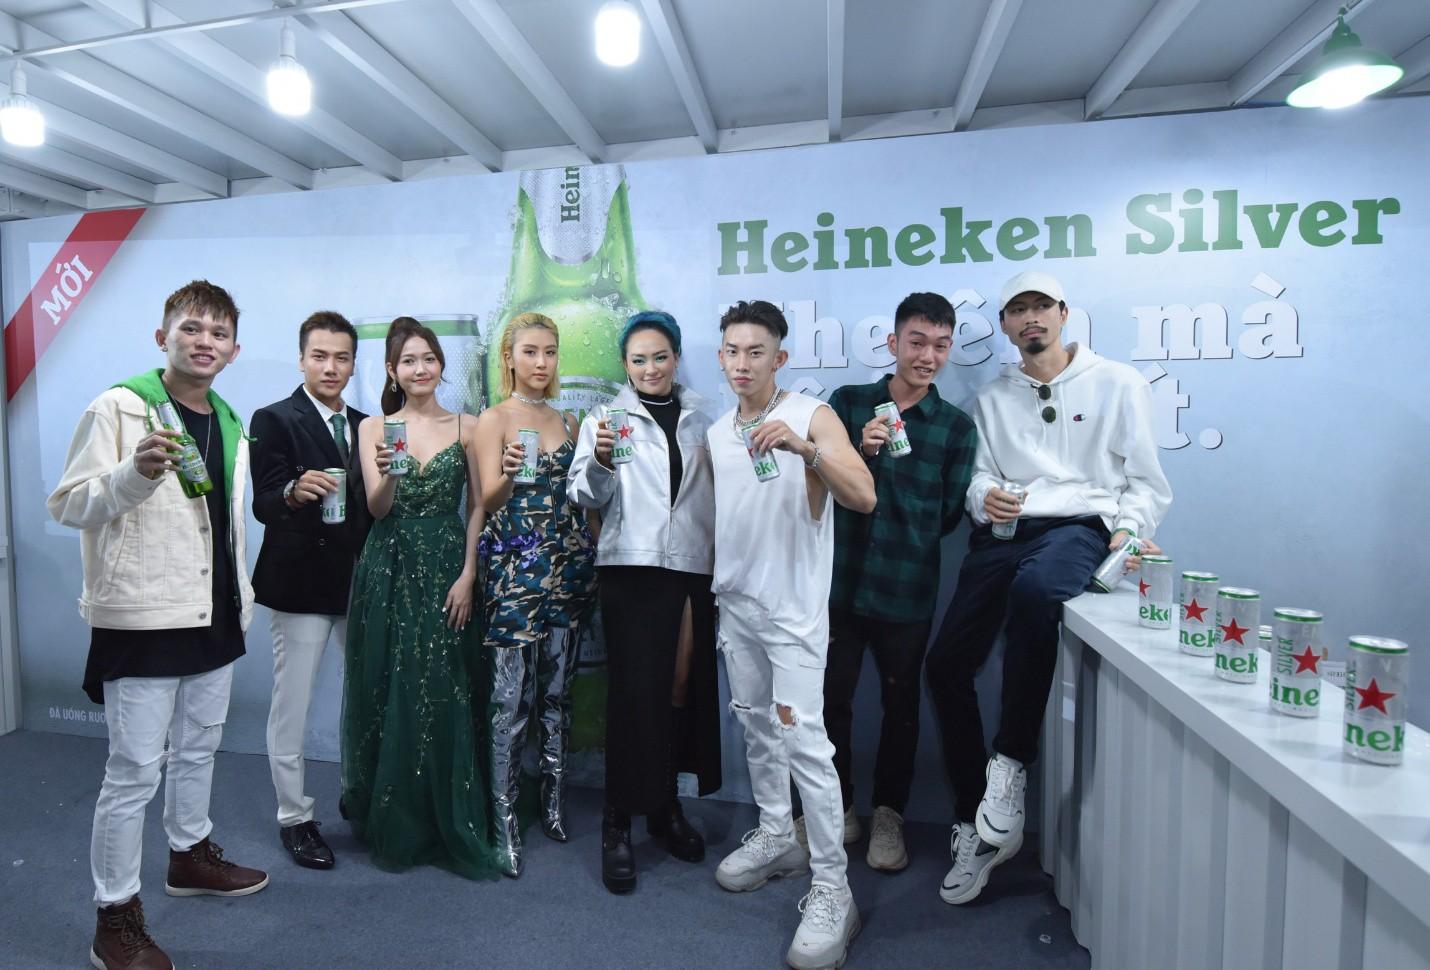 Đen Vâu, Châu Bùi quy tụ trong đại tiệc ra mắt Heineken Silver cực hoành tráng - Ảnh 13.